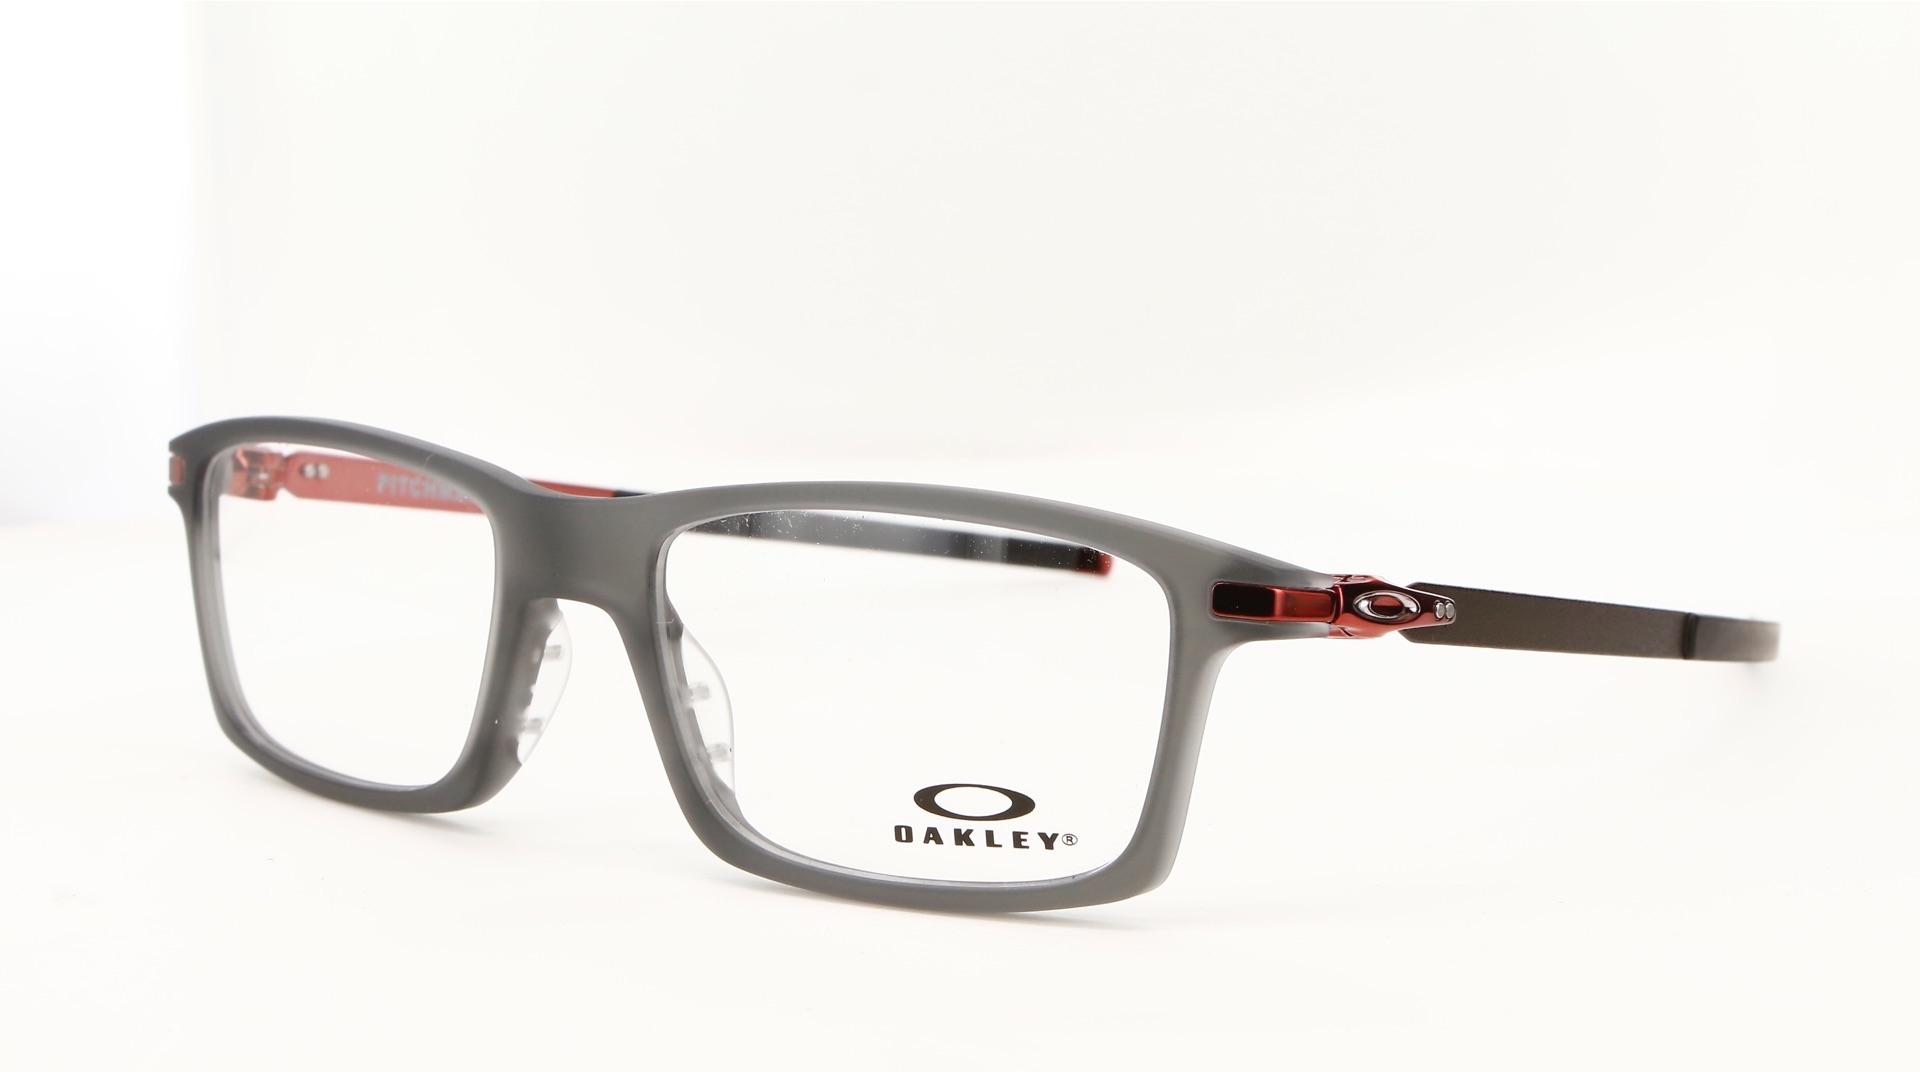 Oakley - ref: 80732